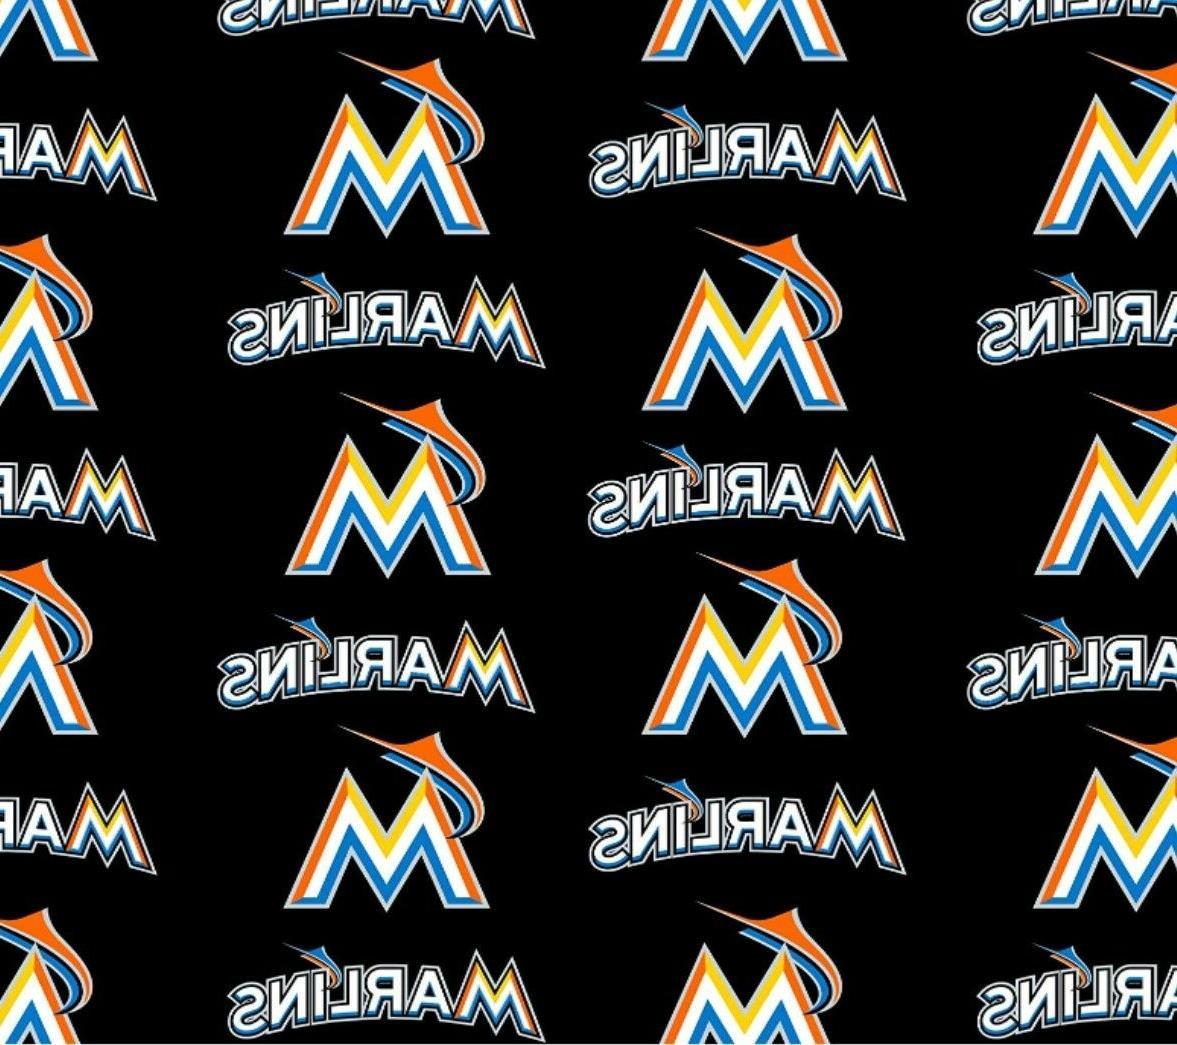 miami marlins mlb logo design 58 60